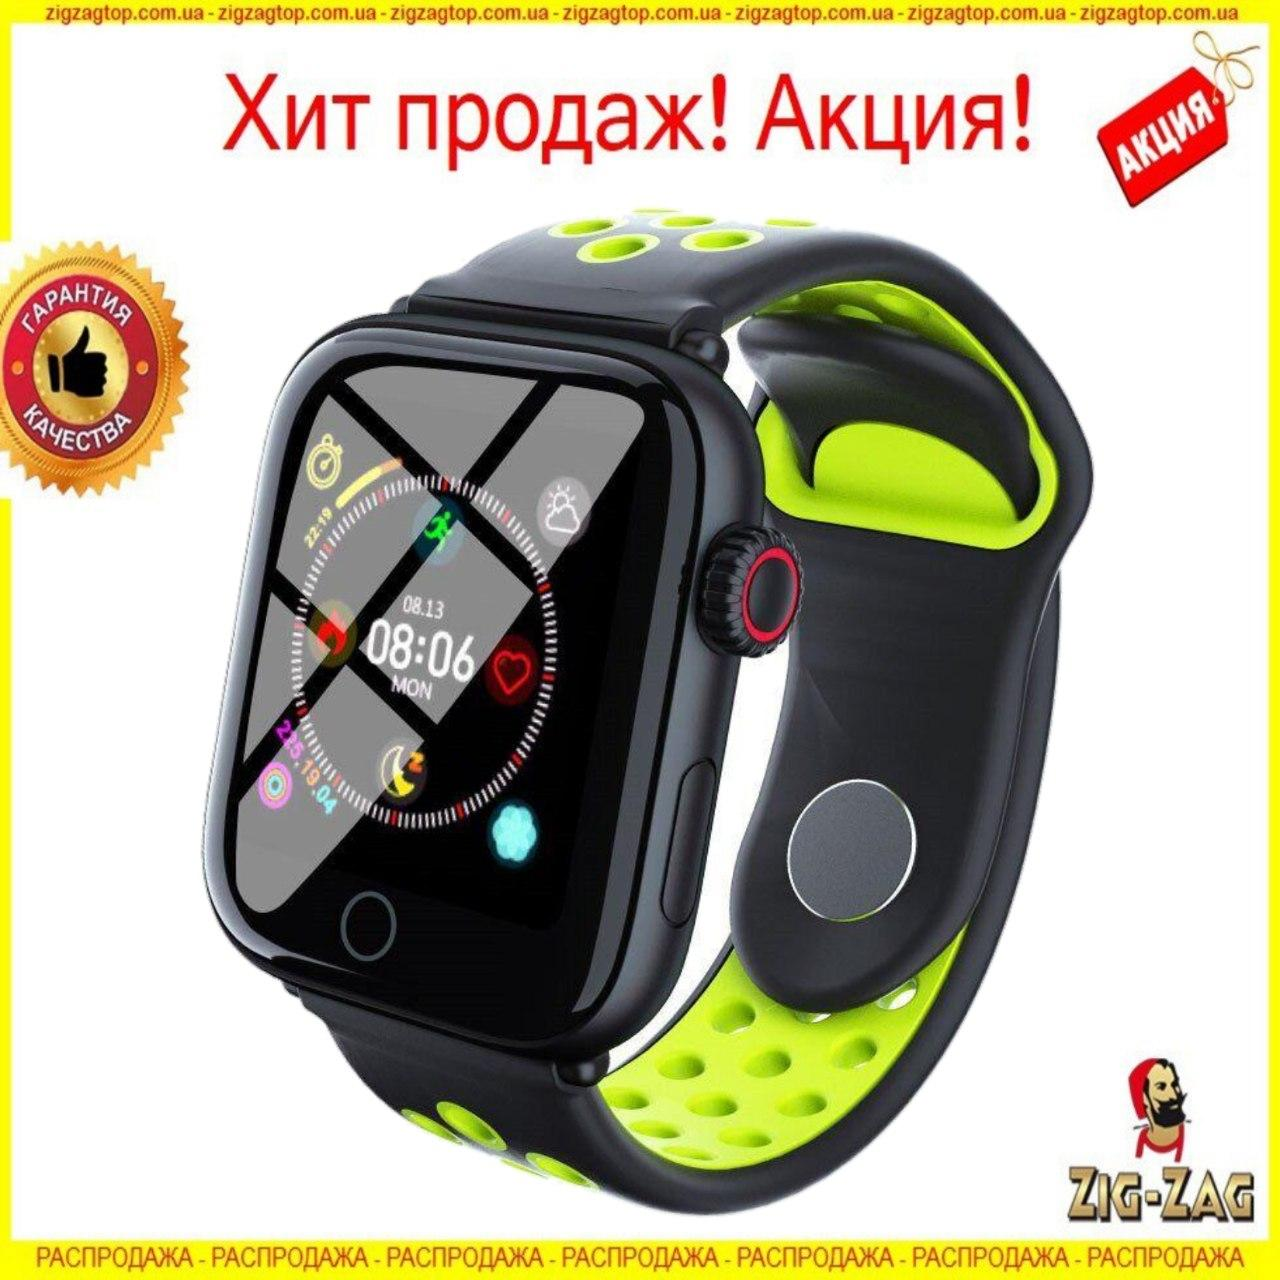 Розумні годинник Smart Watch Z7 Смарт Розумний Годинник, гаджет для Андроїд ДЗВІНКІВ годинник-телефон Вотч Сенсорні